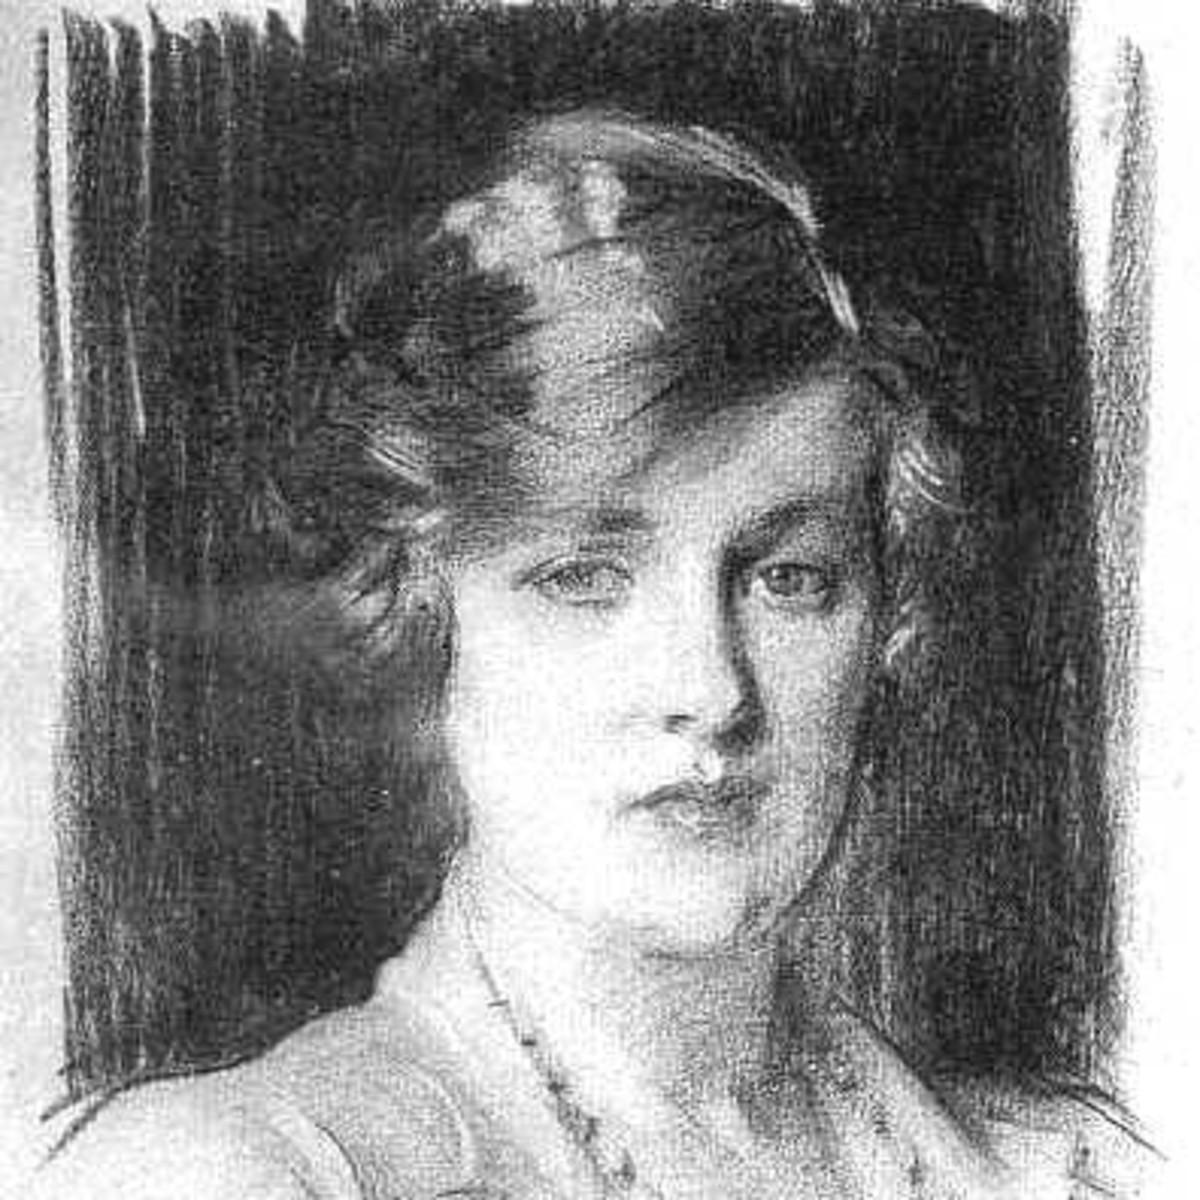 Cynthia - grandmother of Diana Spencer.Do you think she looks like Diana?